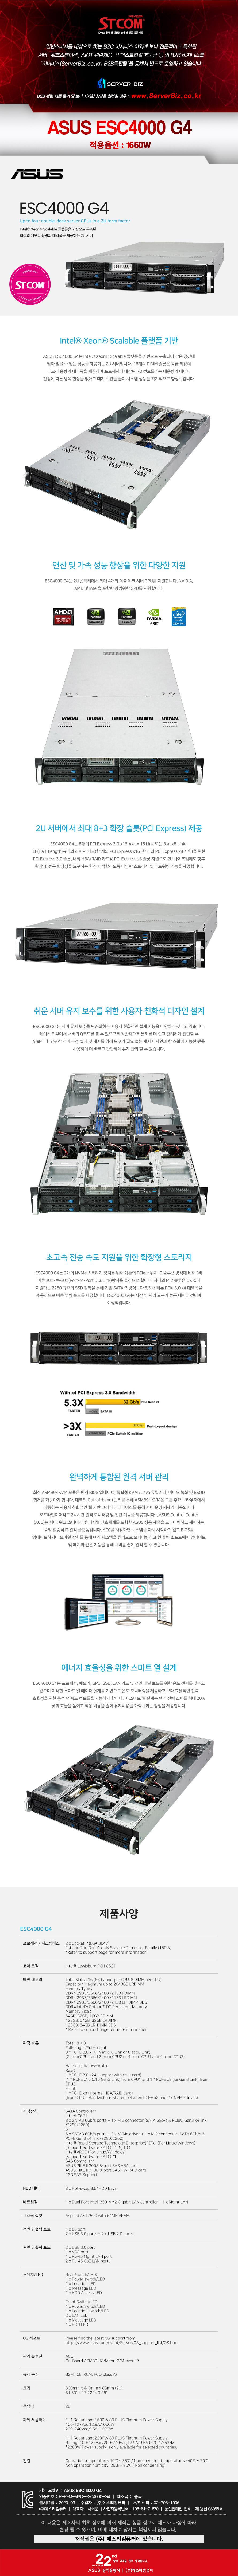 ASUS ESC4000 G4 1650W